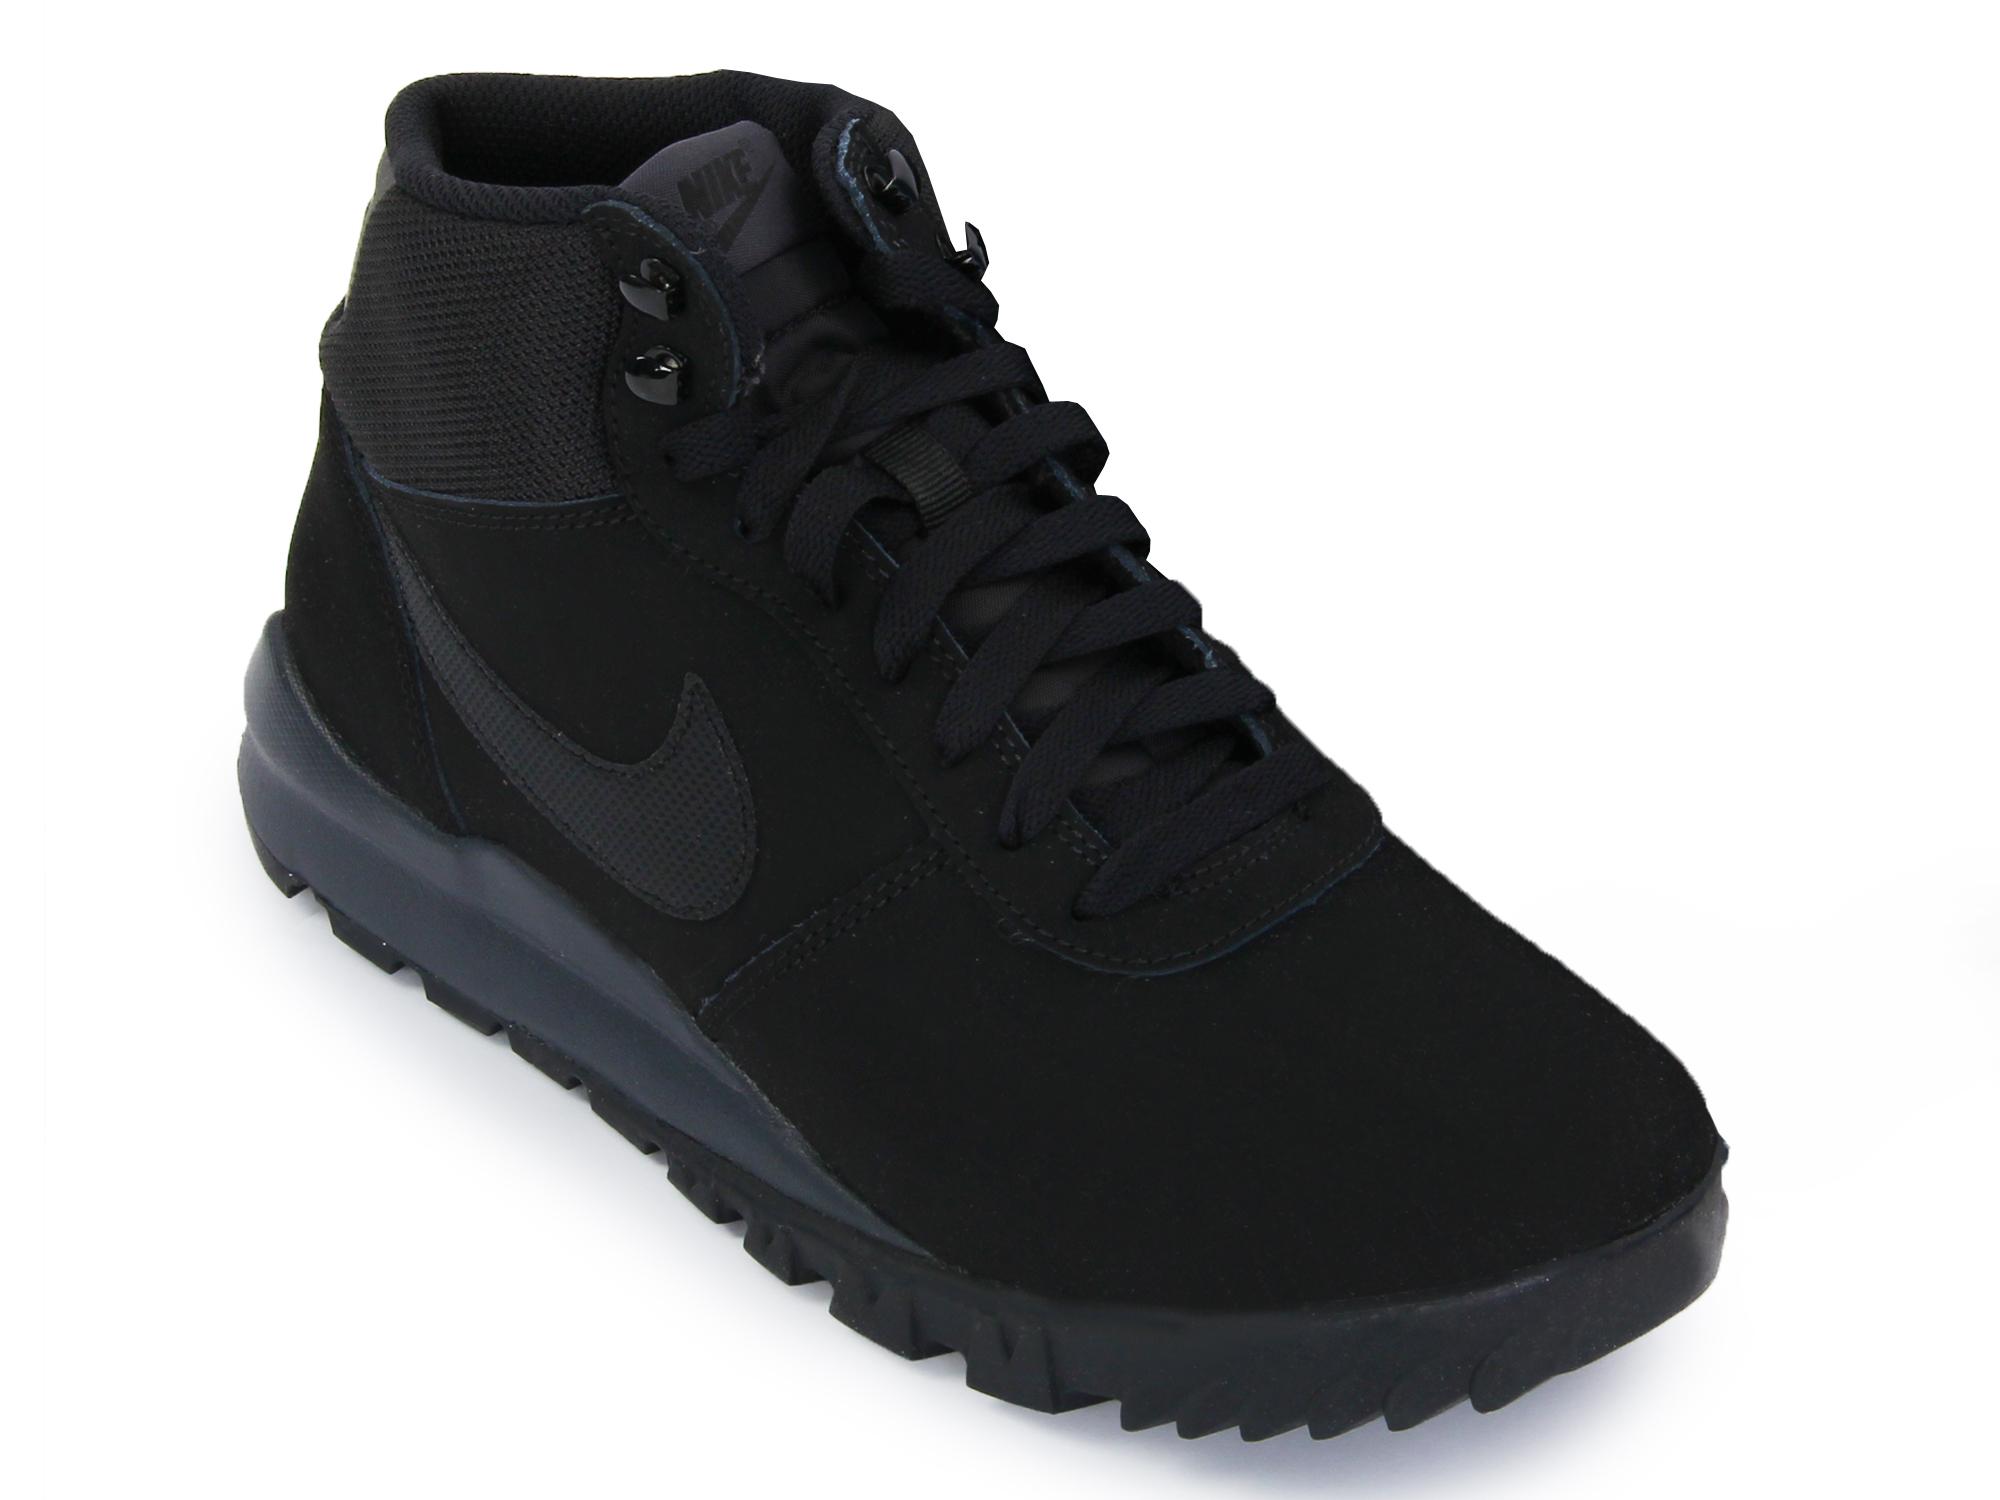 5b5d932f Ботинки утепленные мужские Nike Hoodland черные - Сеть спортивных ...